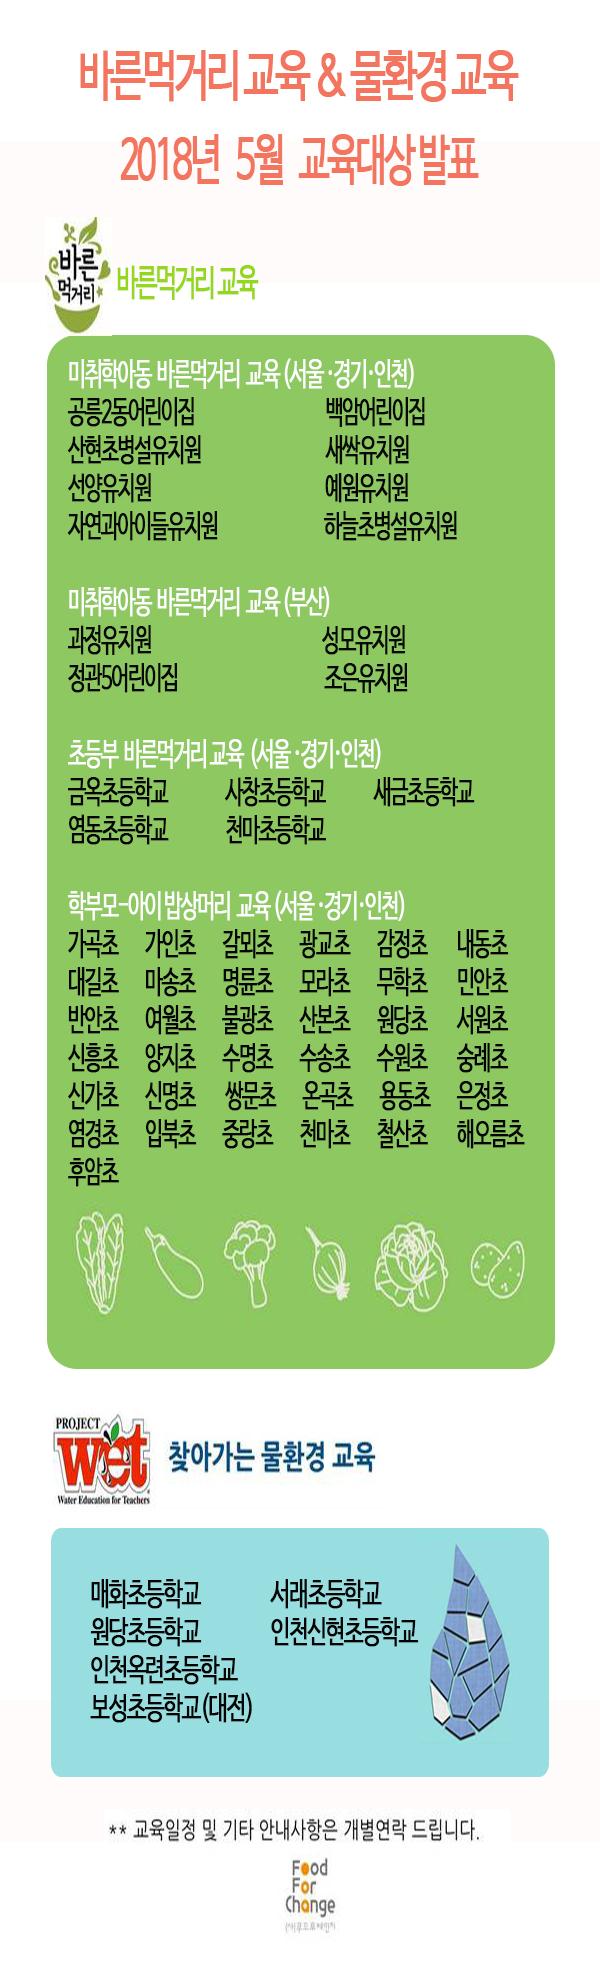 2017년 5월 교육지선정.jpg